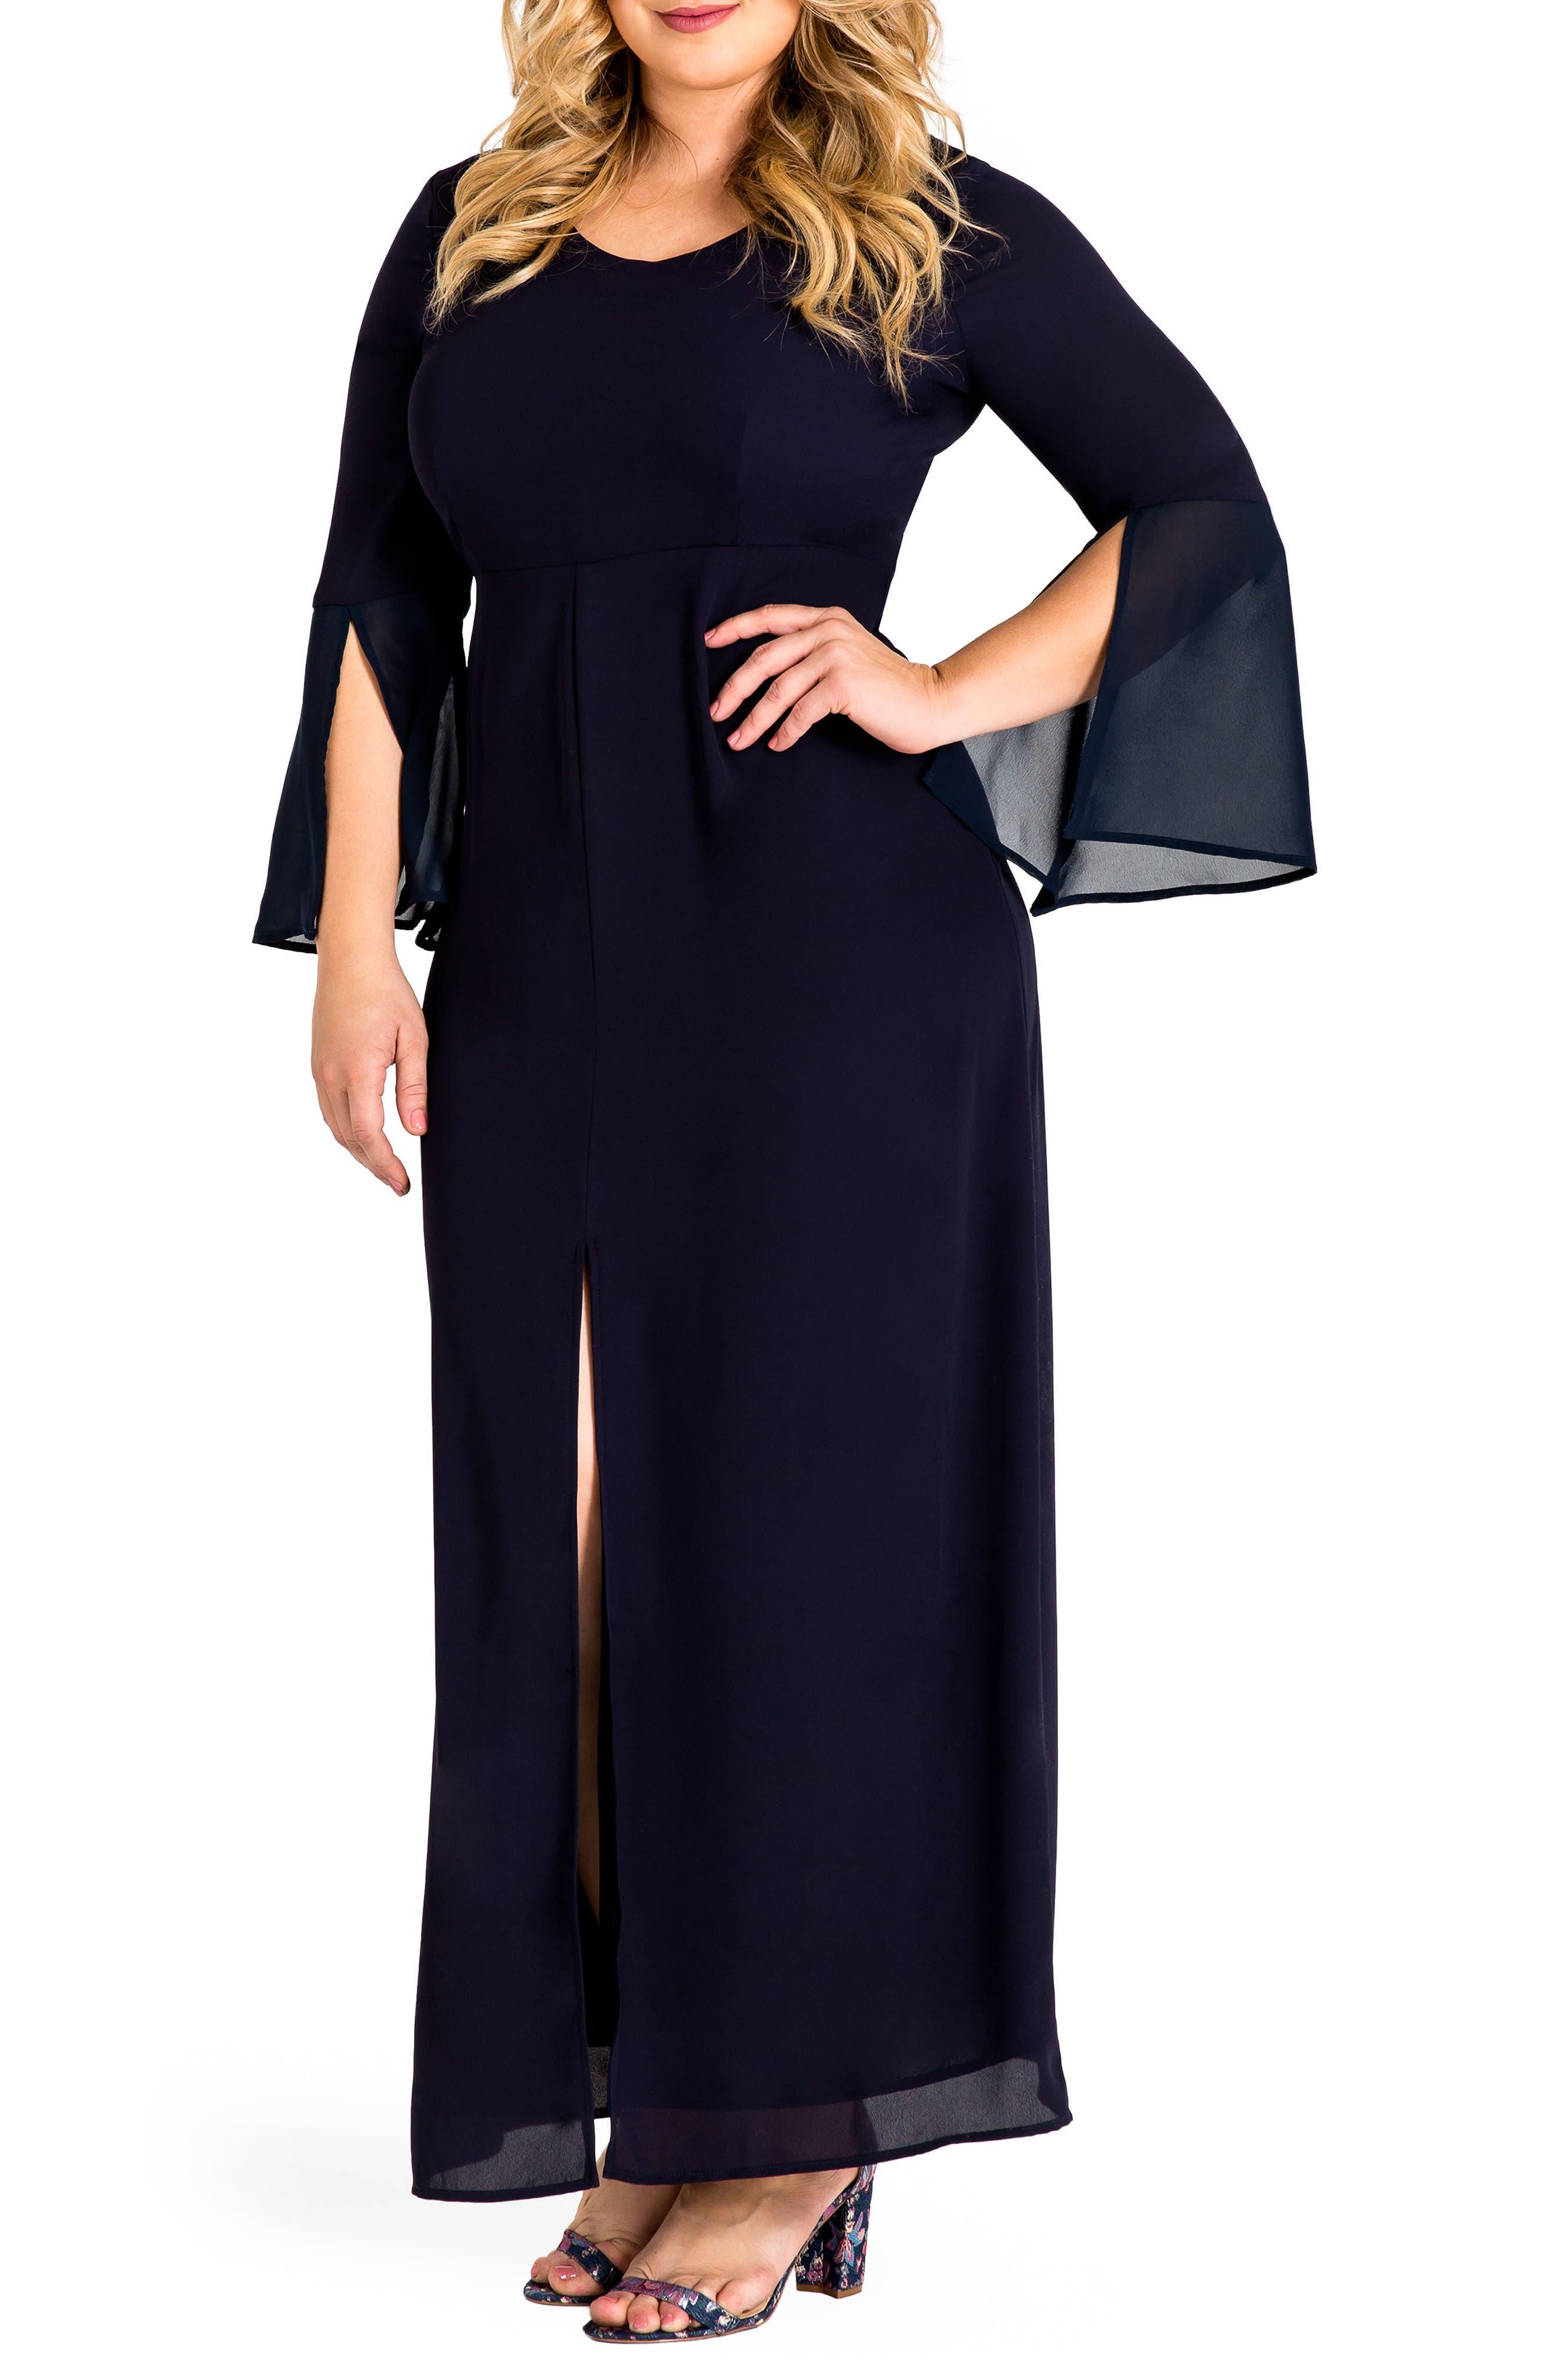 Norah Maxi Dress,                         Main,                         color, Navy